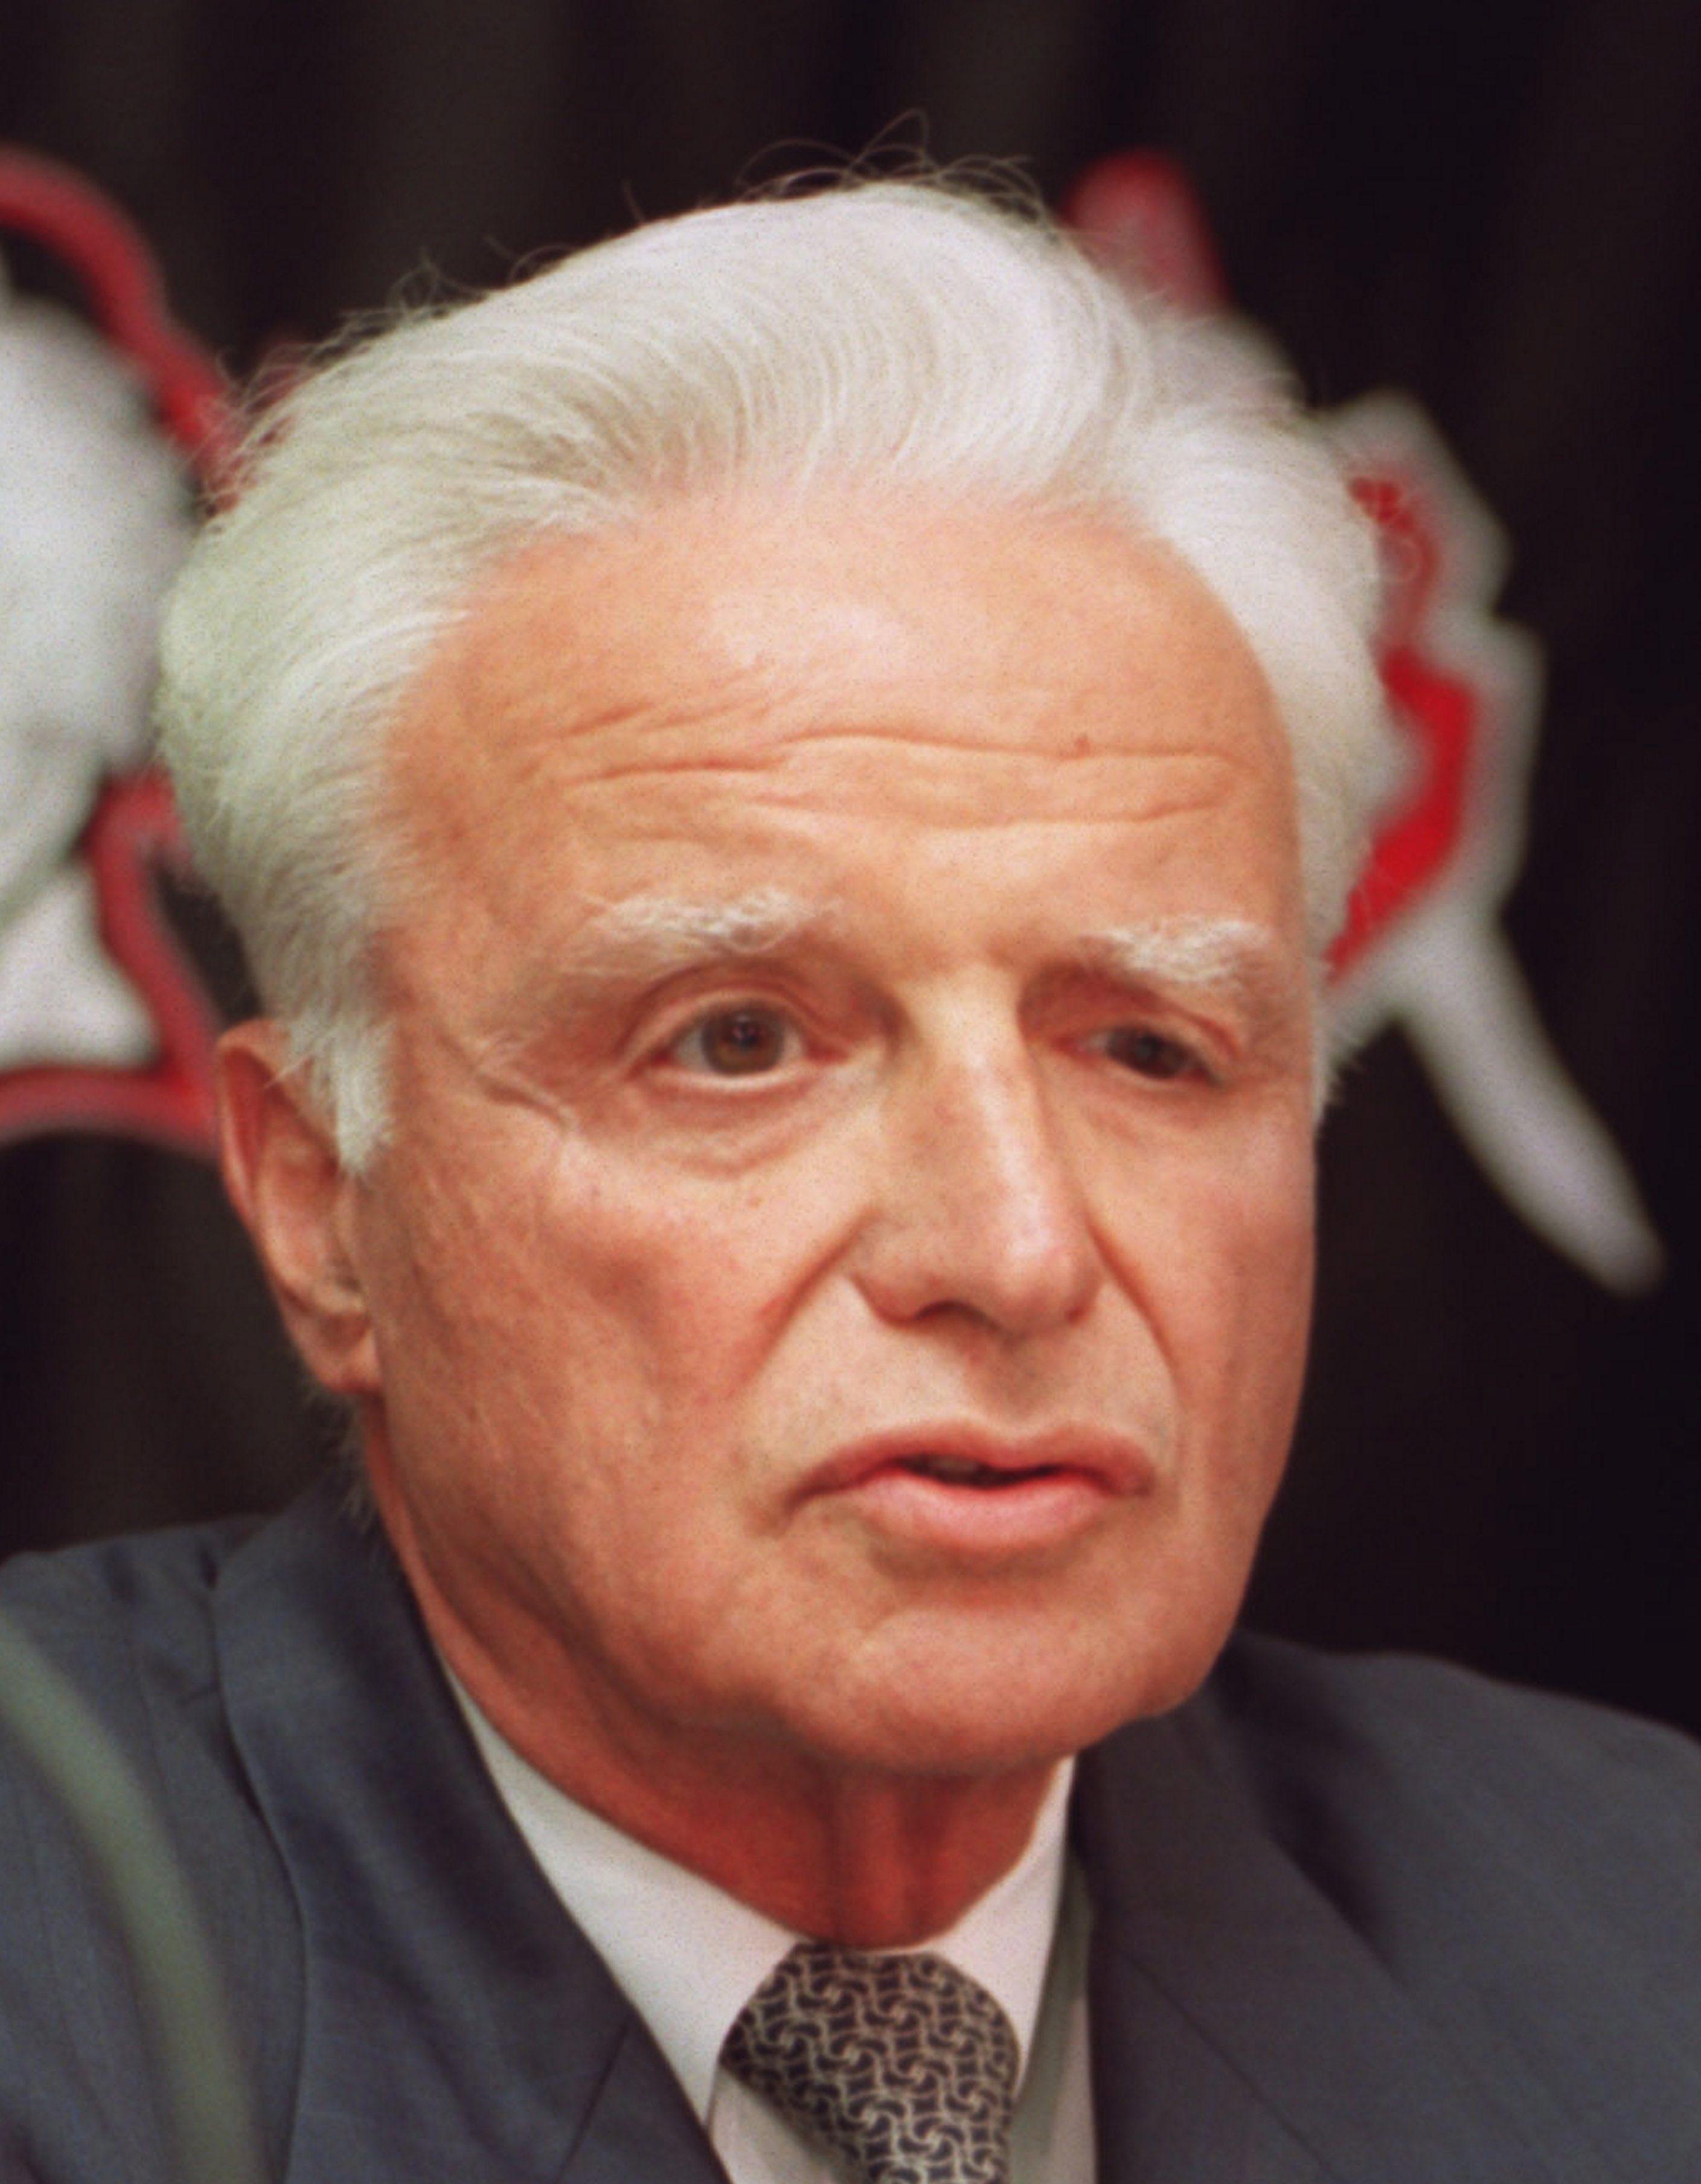 John J. Rigas